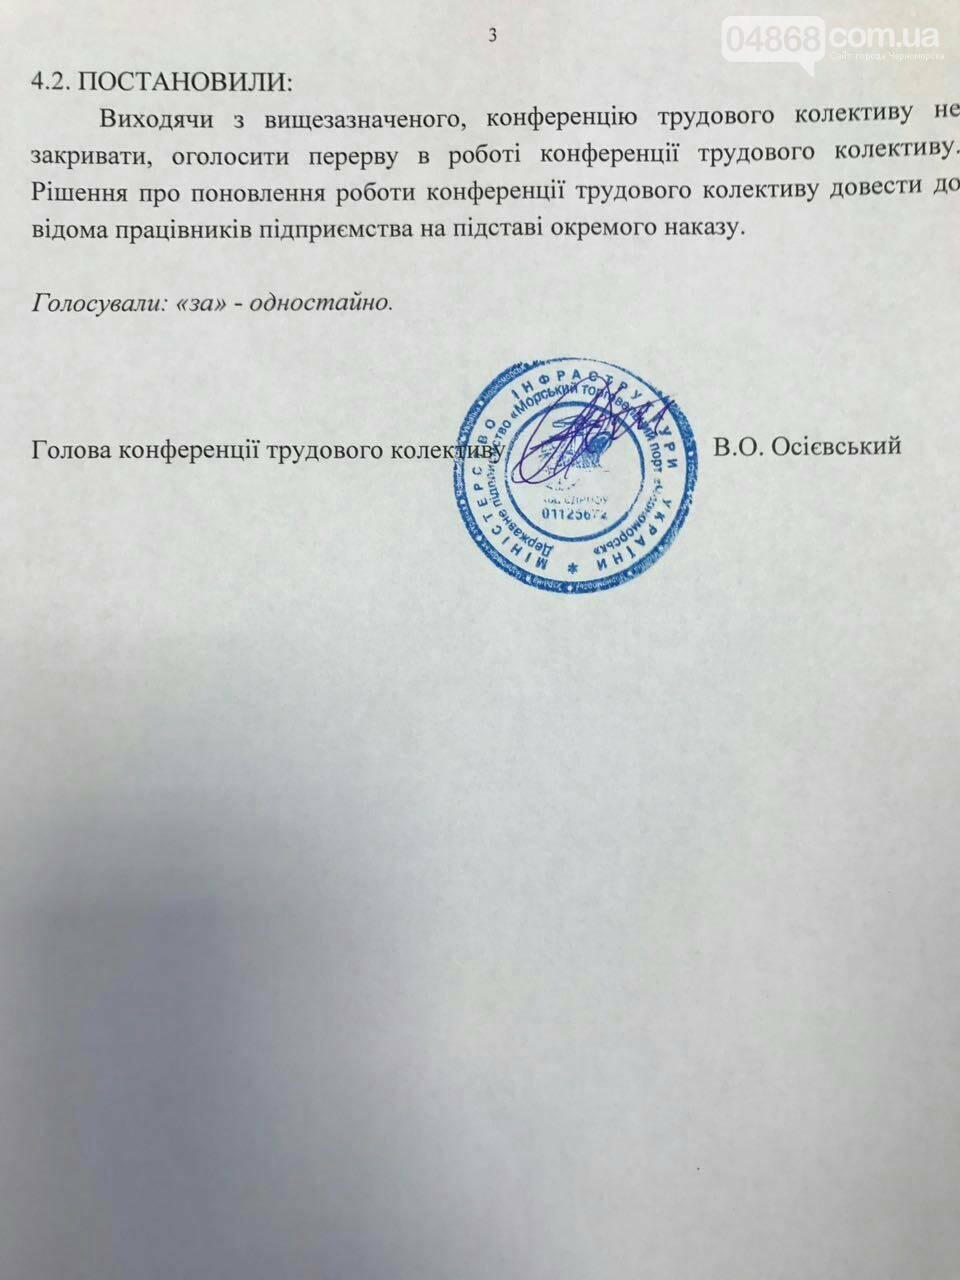 Трудовой коллектив «МТП «Черноморск» обратился к Президенту Украины (документы), фото-4